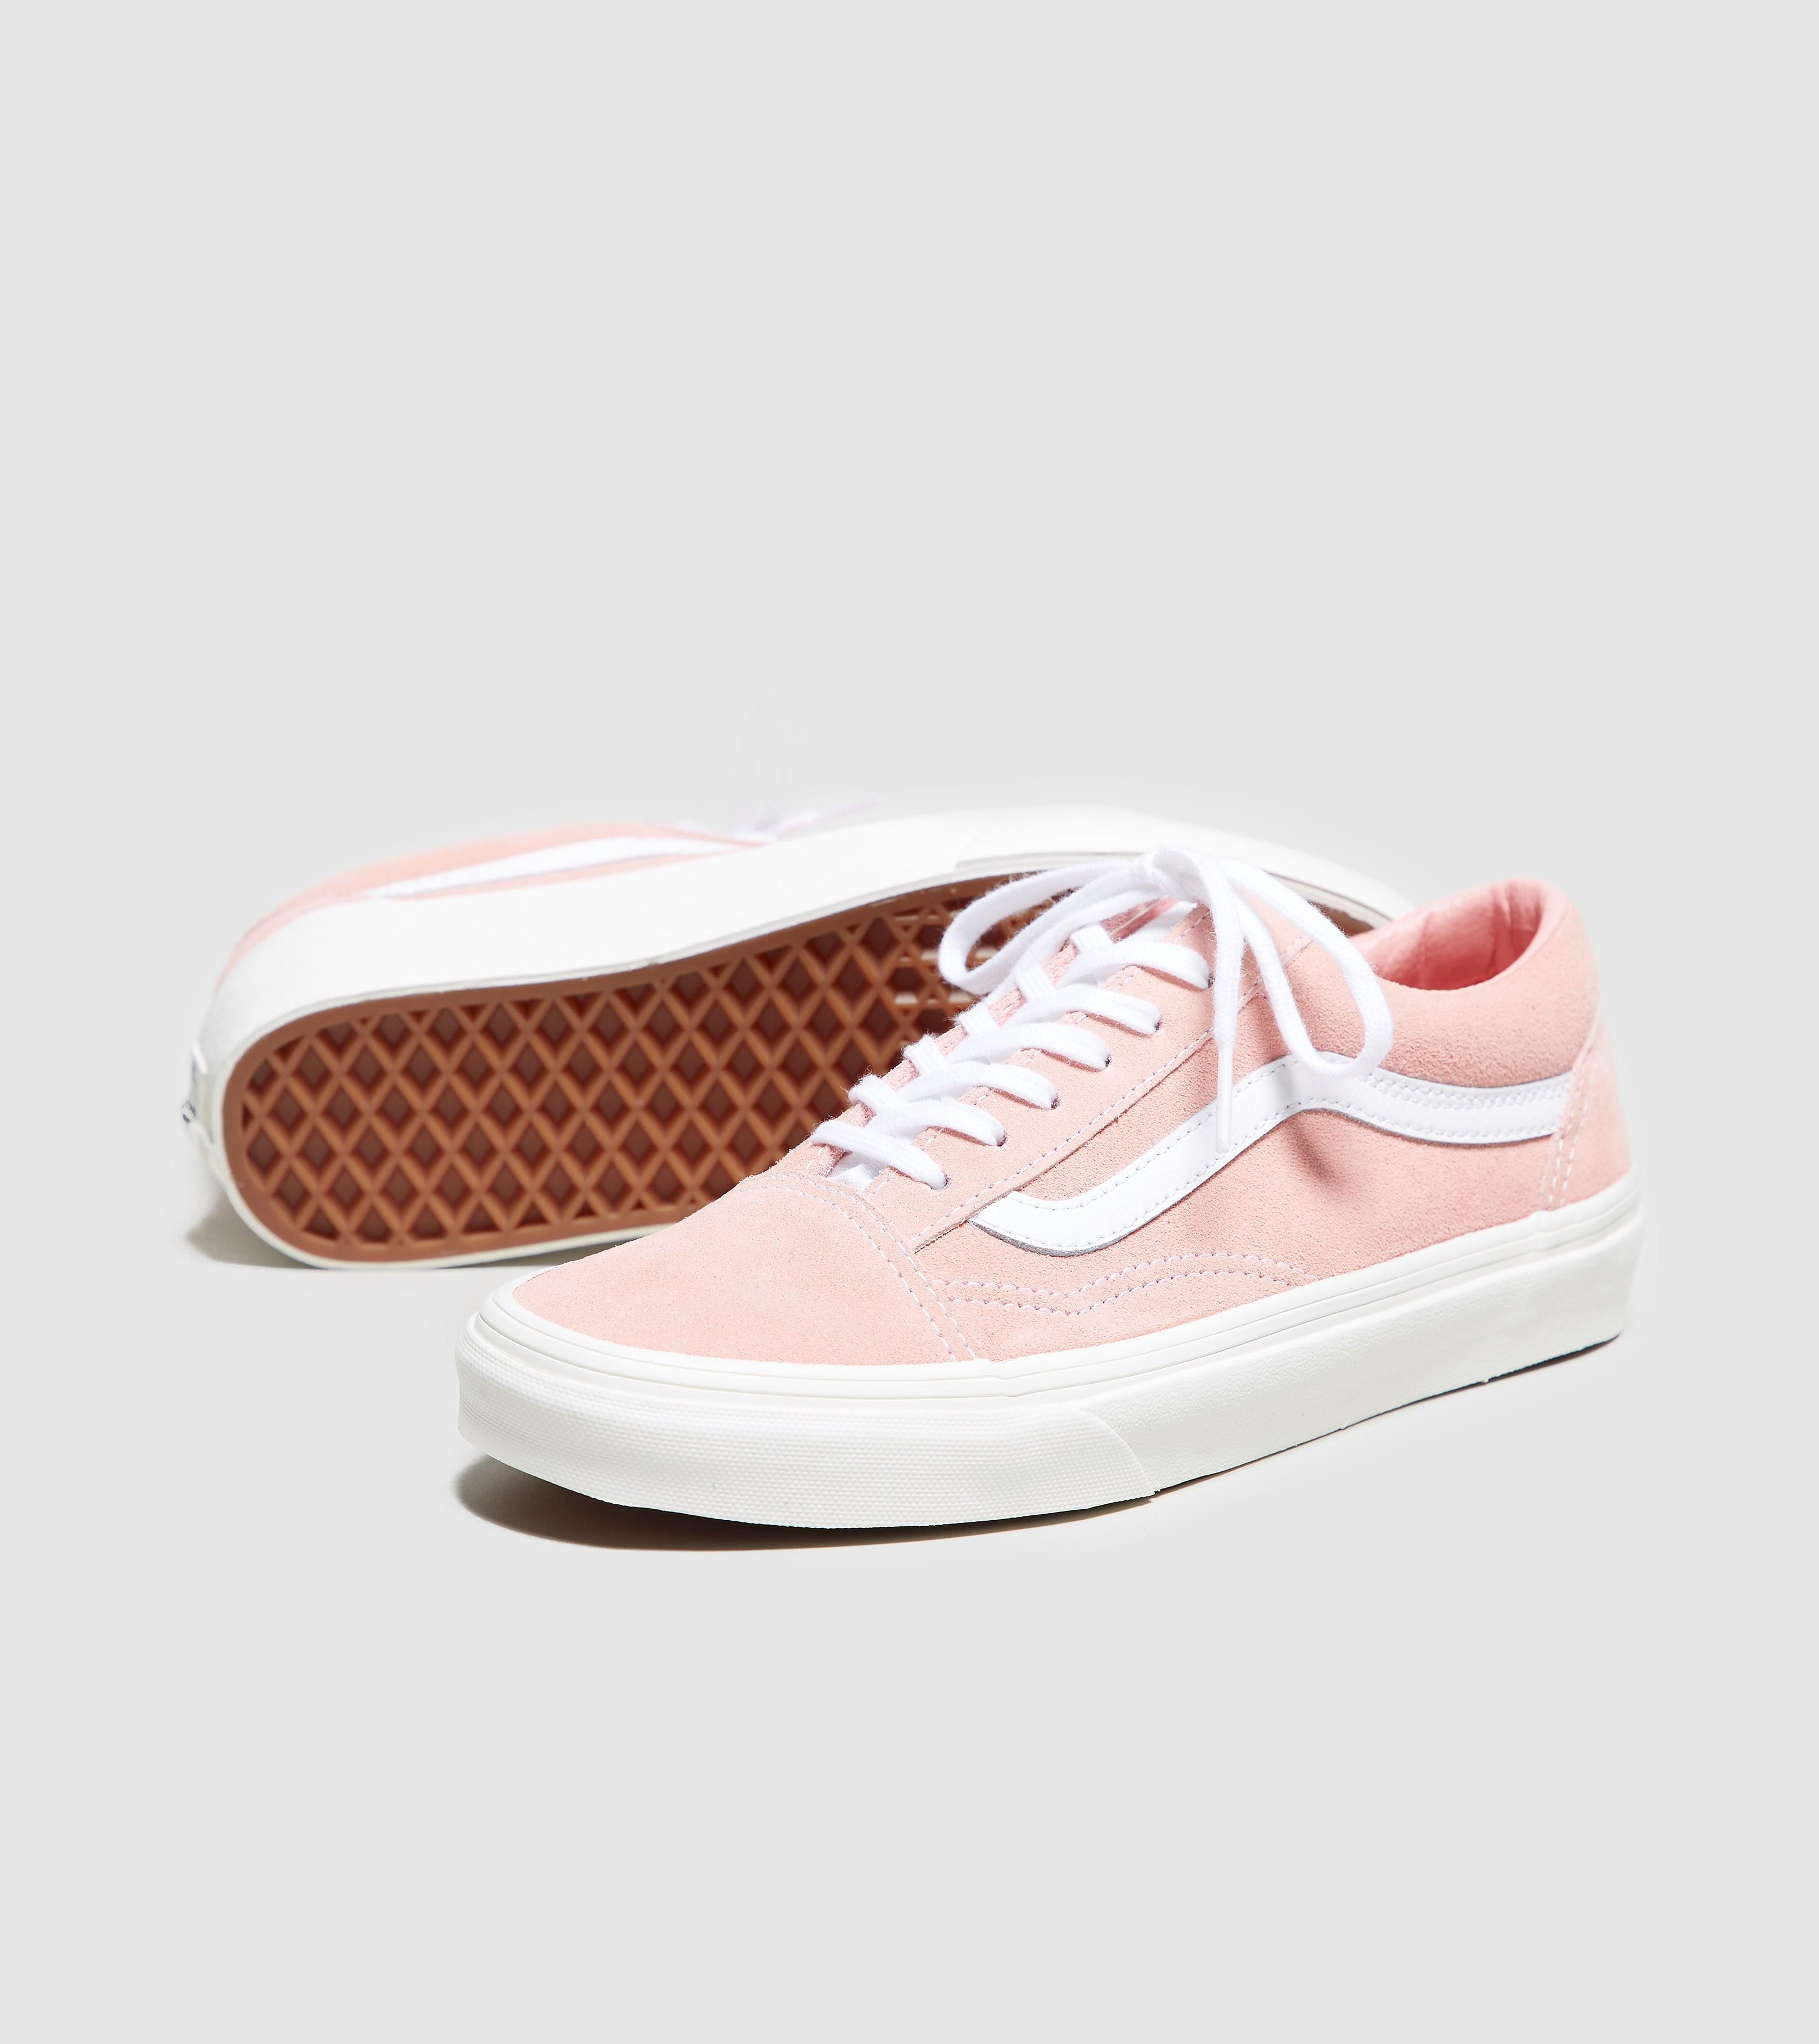 Vans Old Skool Pink Frauen